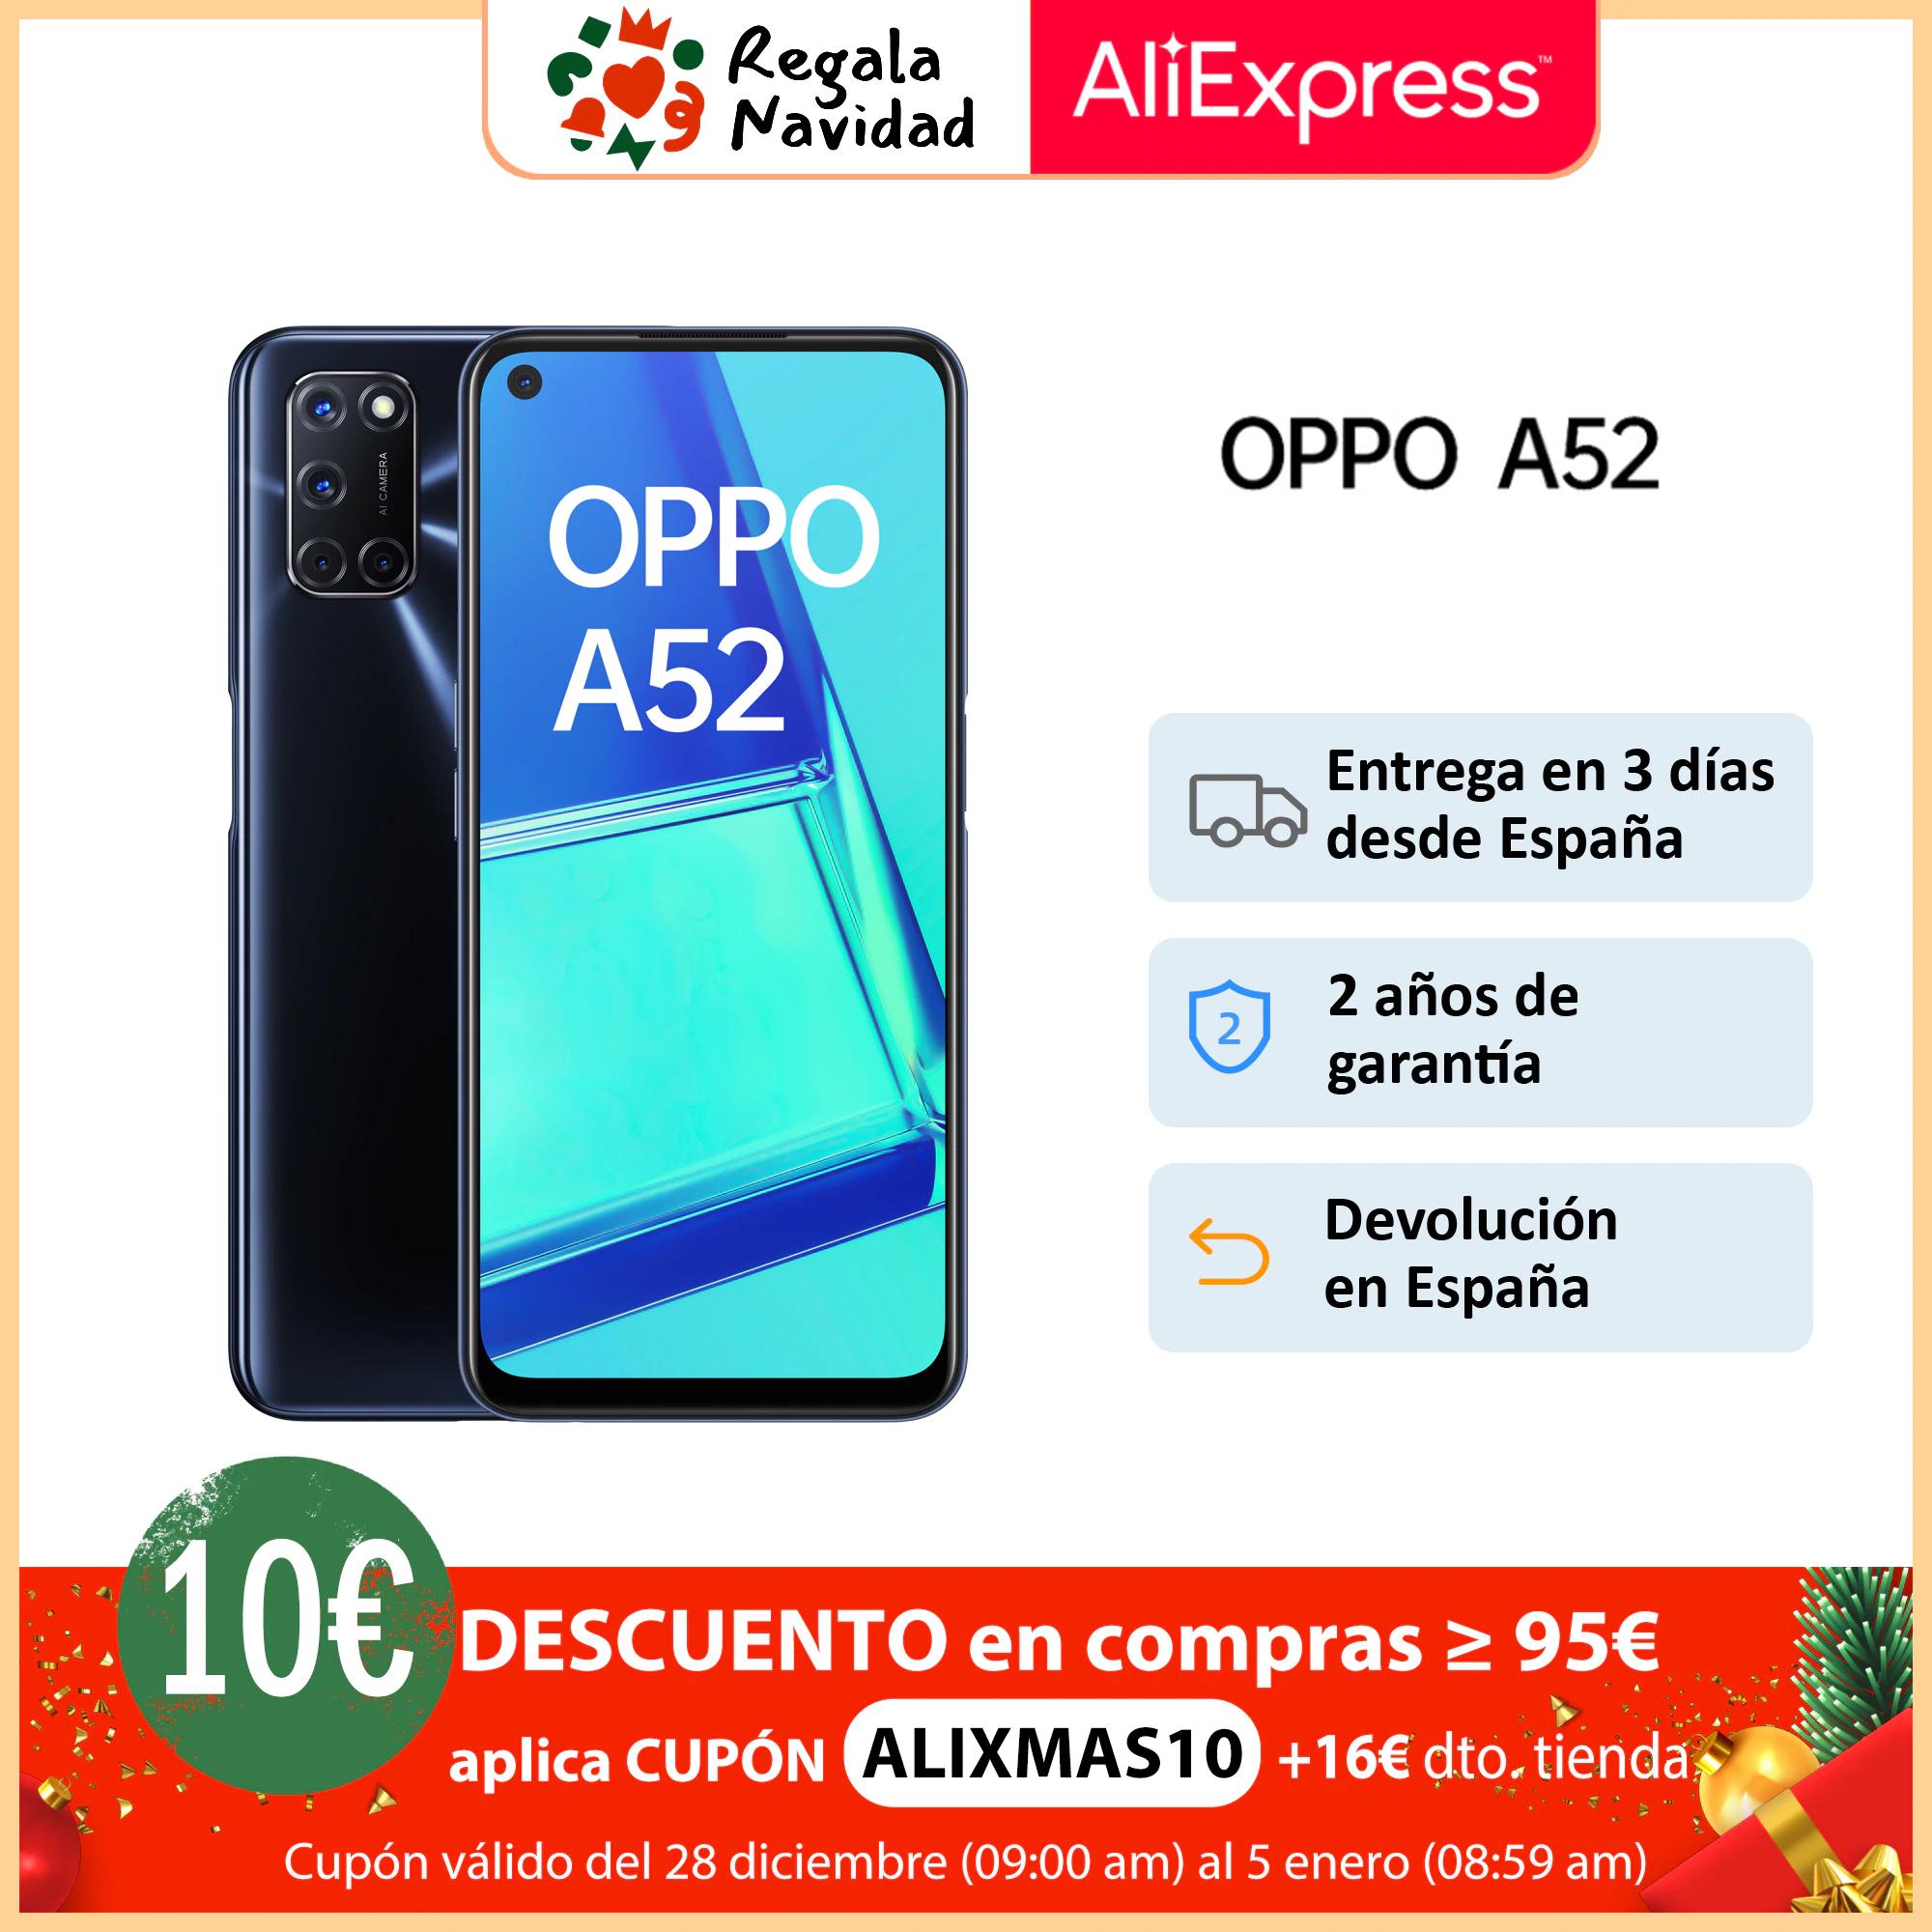 OPPO A52 4GB/64GB desde ESPAÑA *DESCUENTO VENDENDOR de 16€ + CODIGO DESCUENTO de 10€*